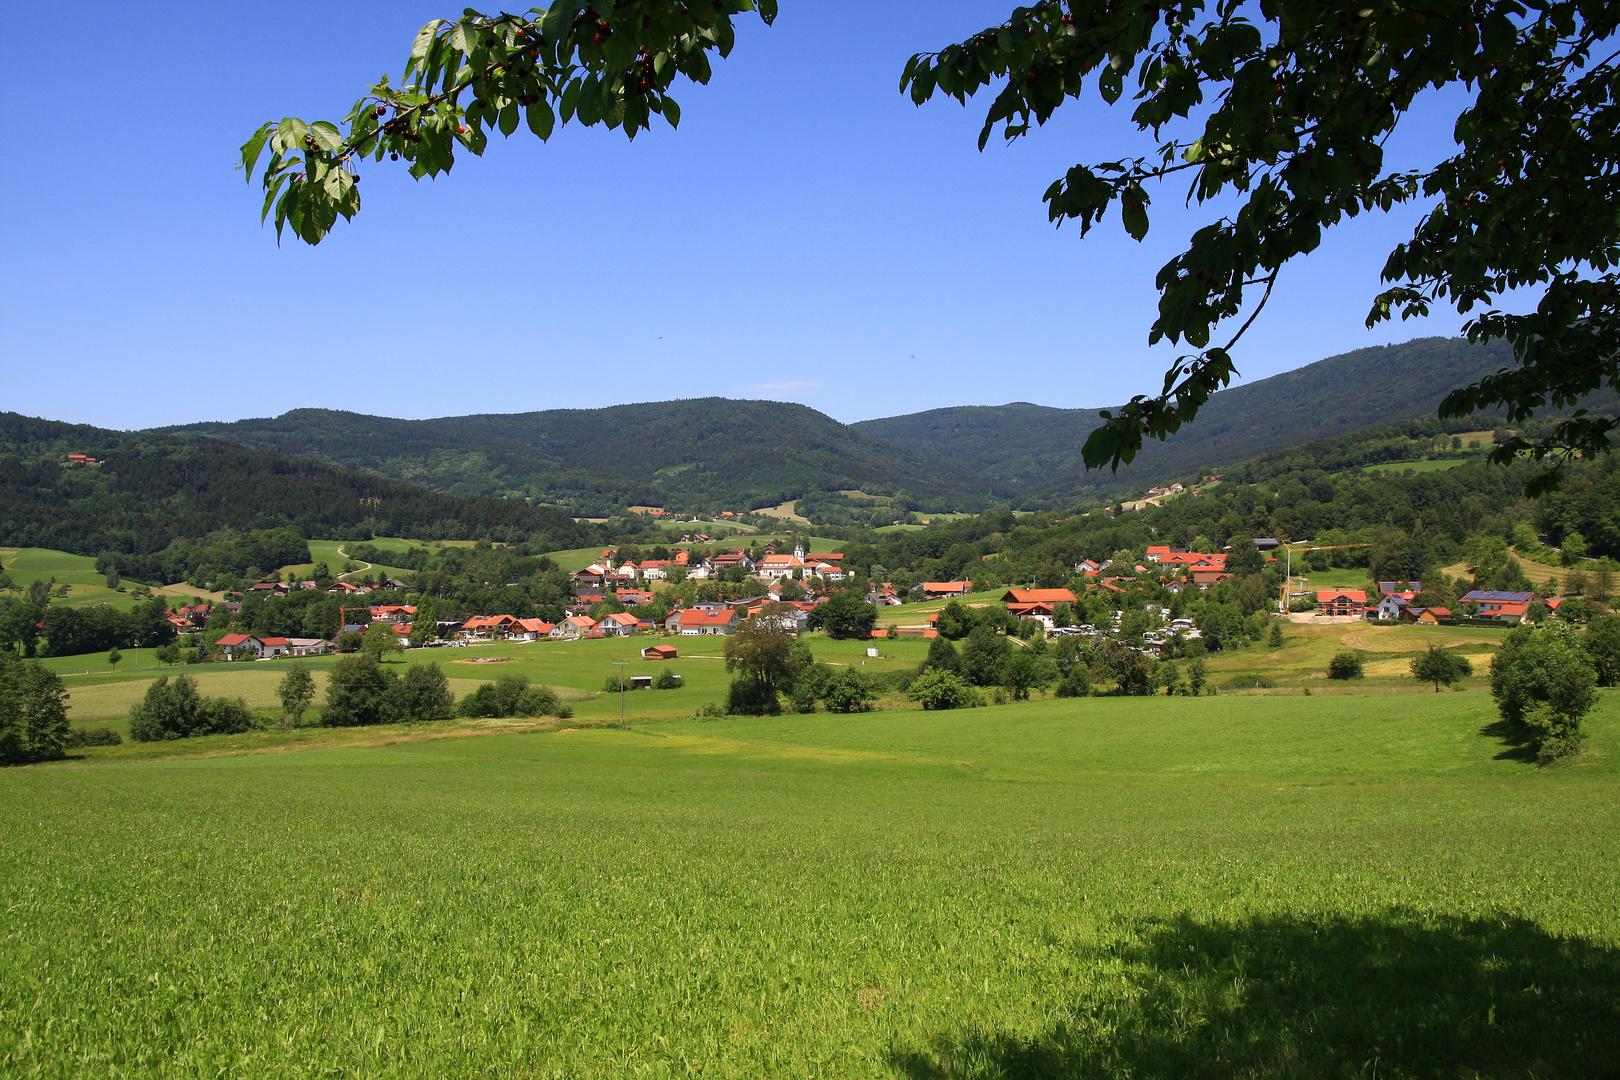 Bayerischer Wald Karte Kostenlos.Bernried Bayerischer Wald Foto Bild Landschaft Natur Bilder